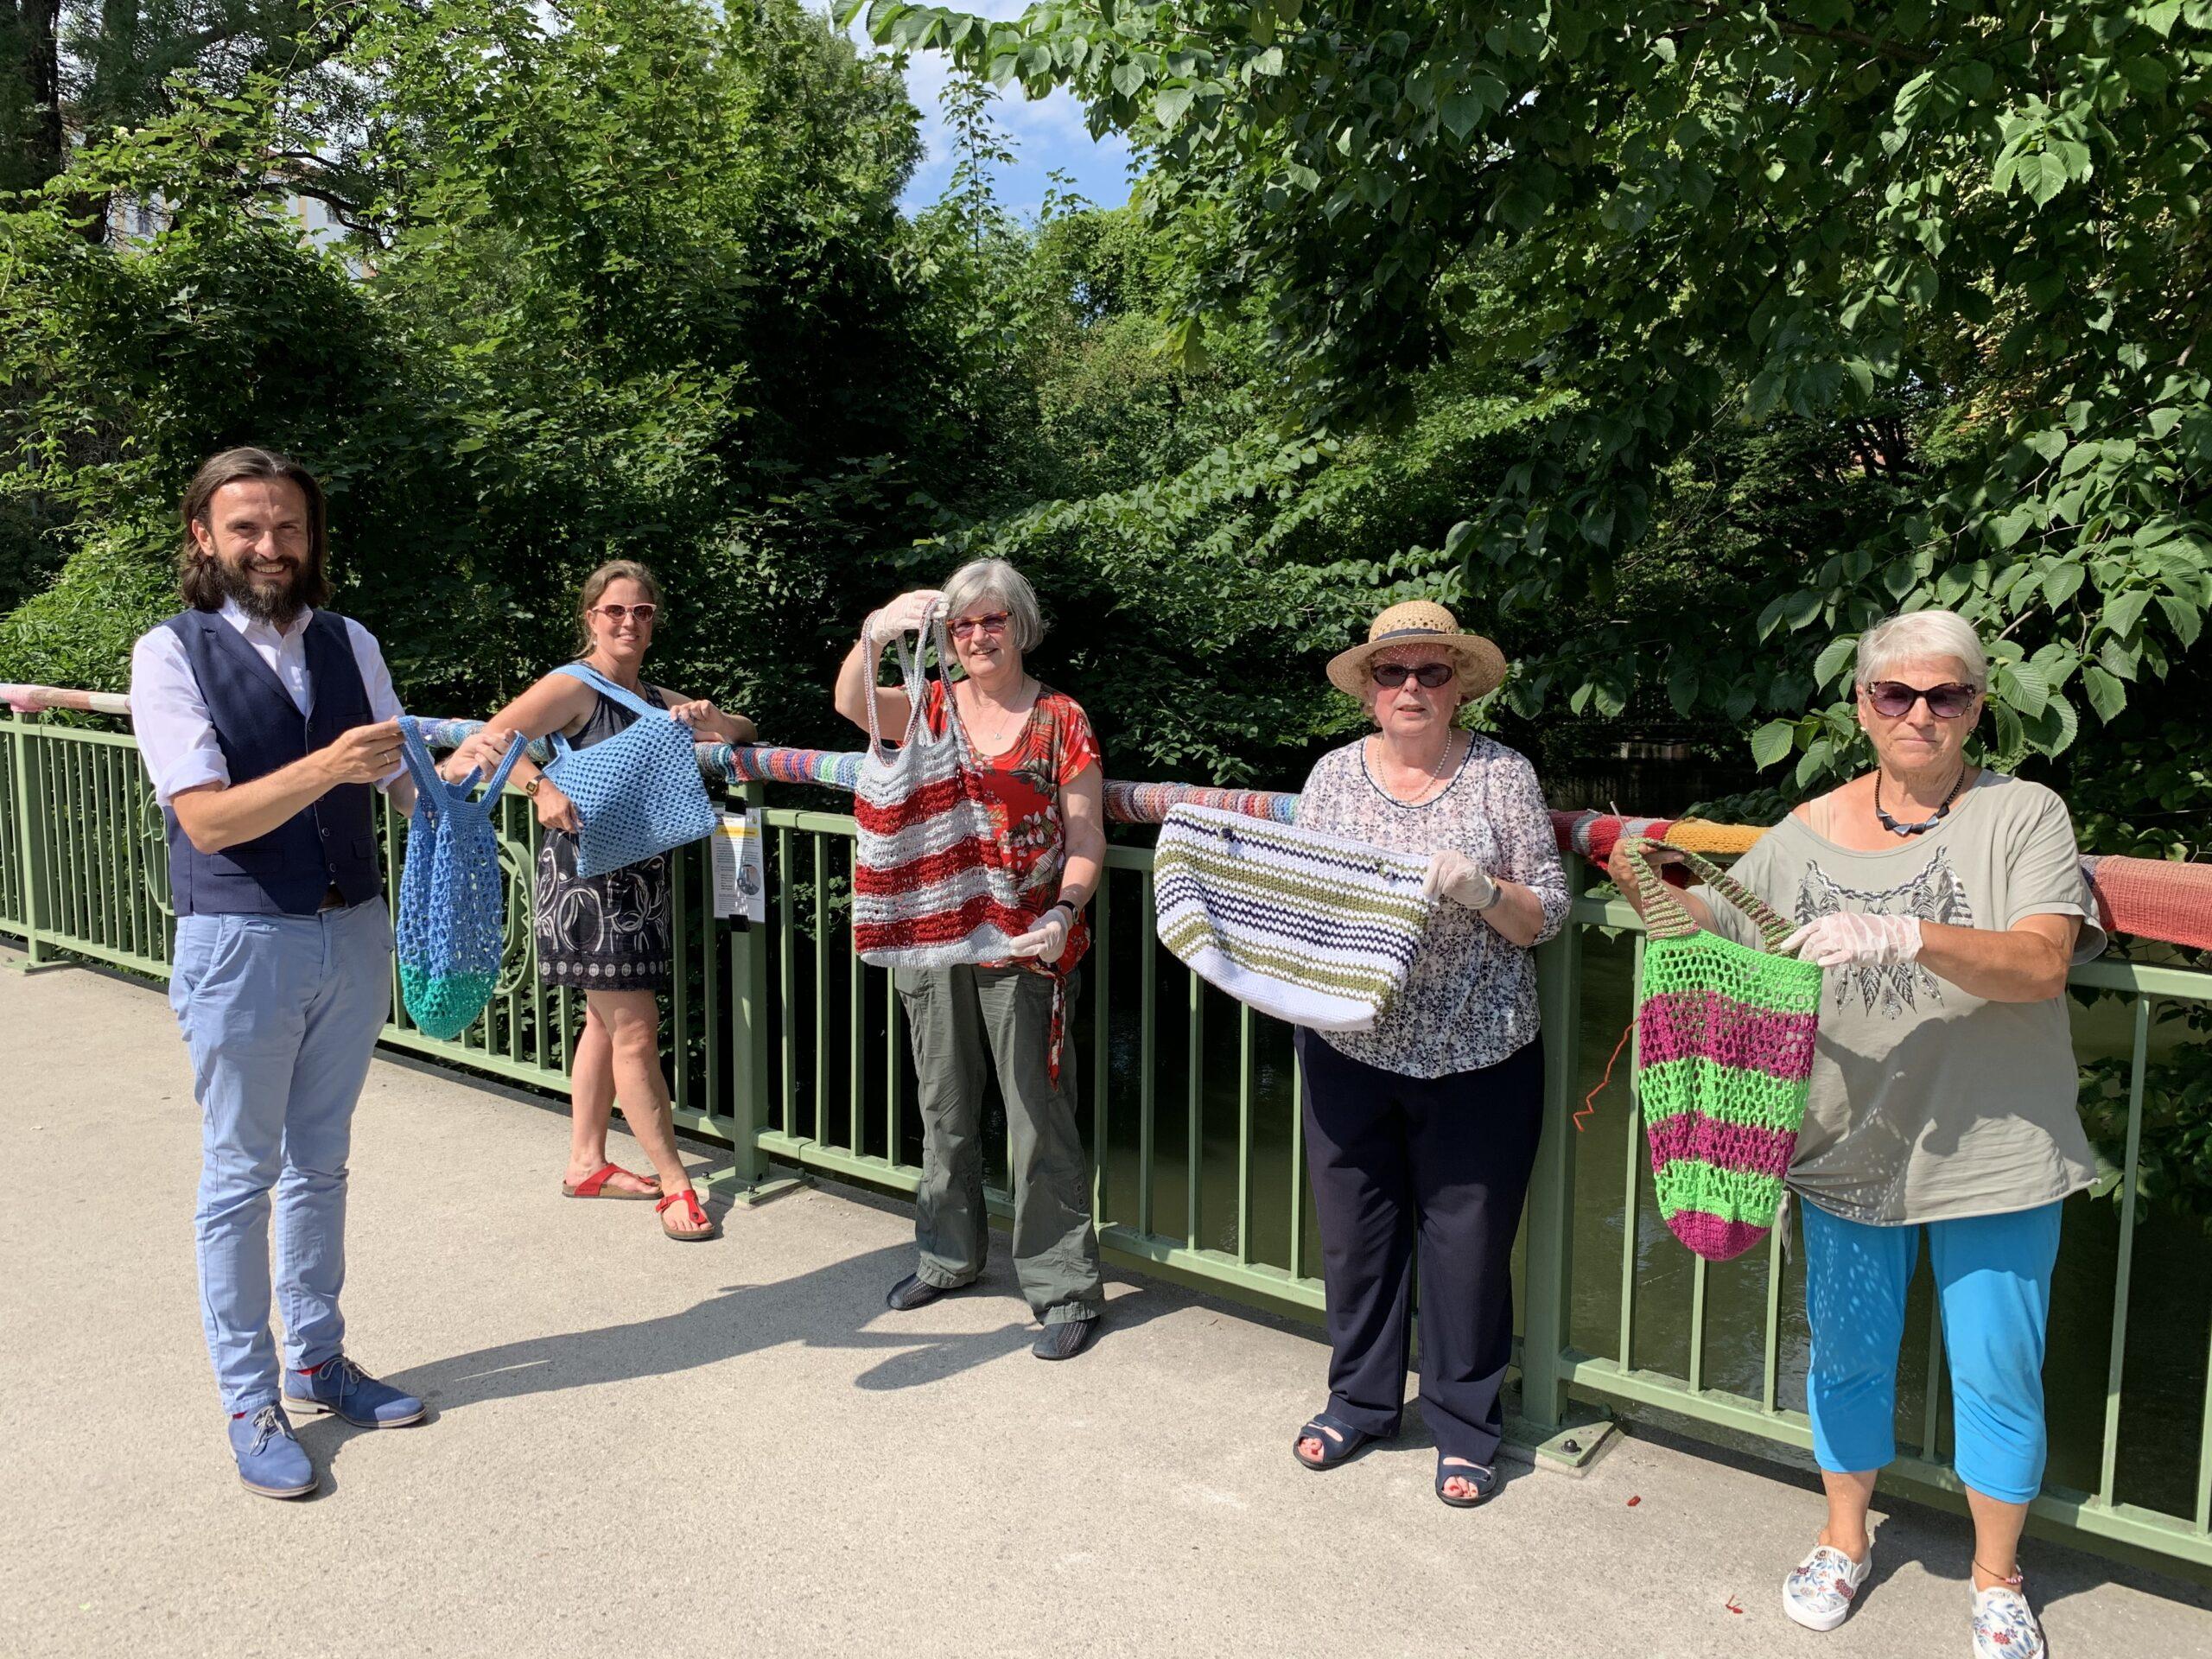 Foto (von links): Paul Polyfka, Julia Kießig, Gabriele Sölter, Heide Schmetzer und Brigitte Göttler präsentieren das neue Projekt der StraßenstrickerInnen: Handgearbeitete Einkaufsbeutel.